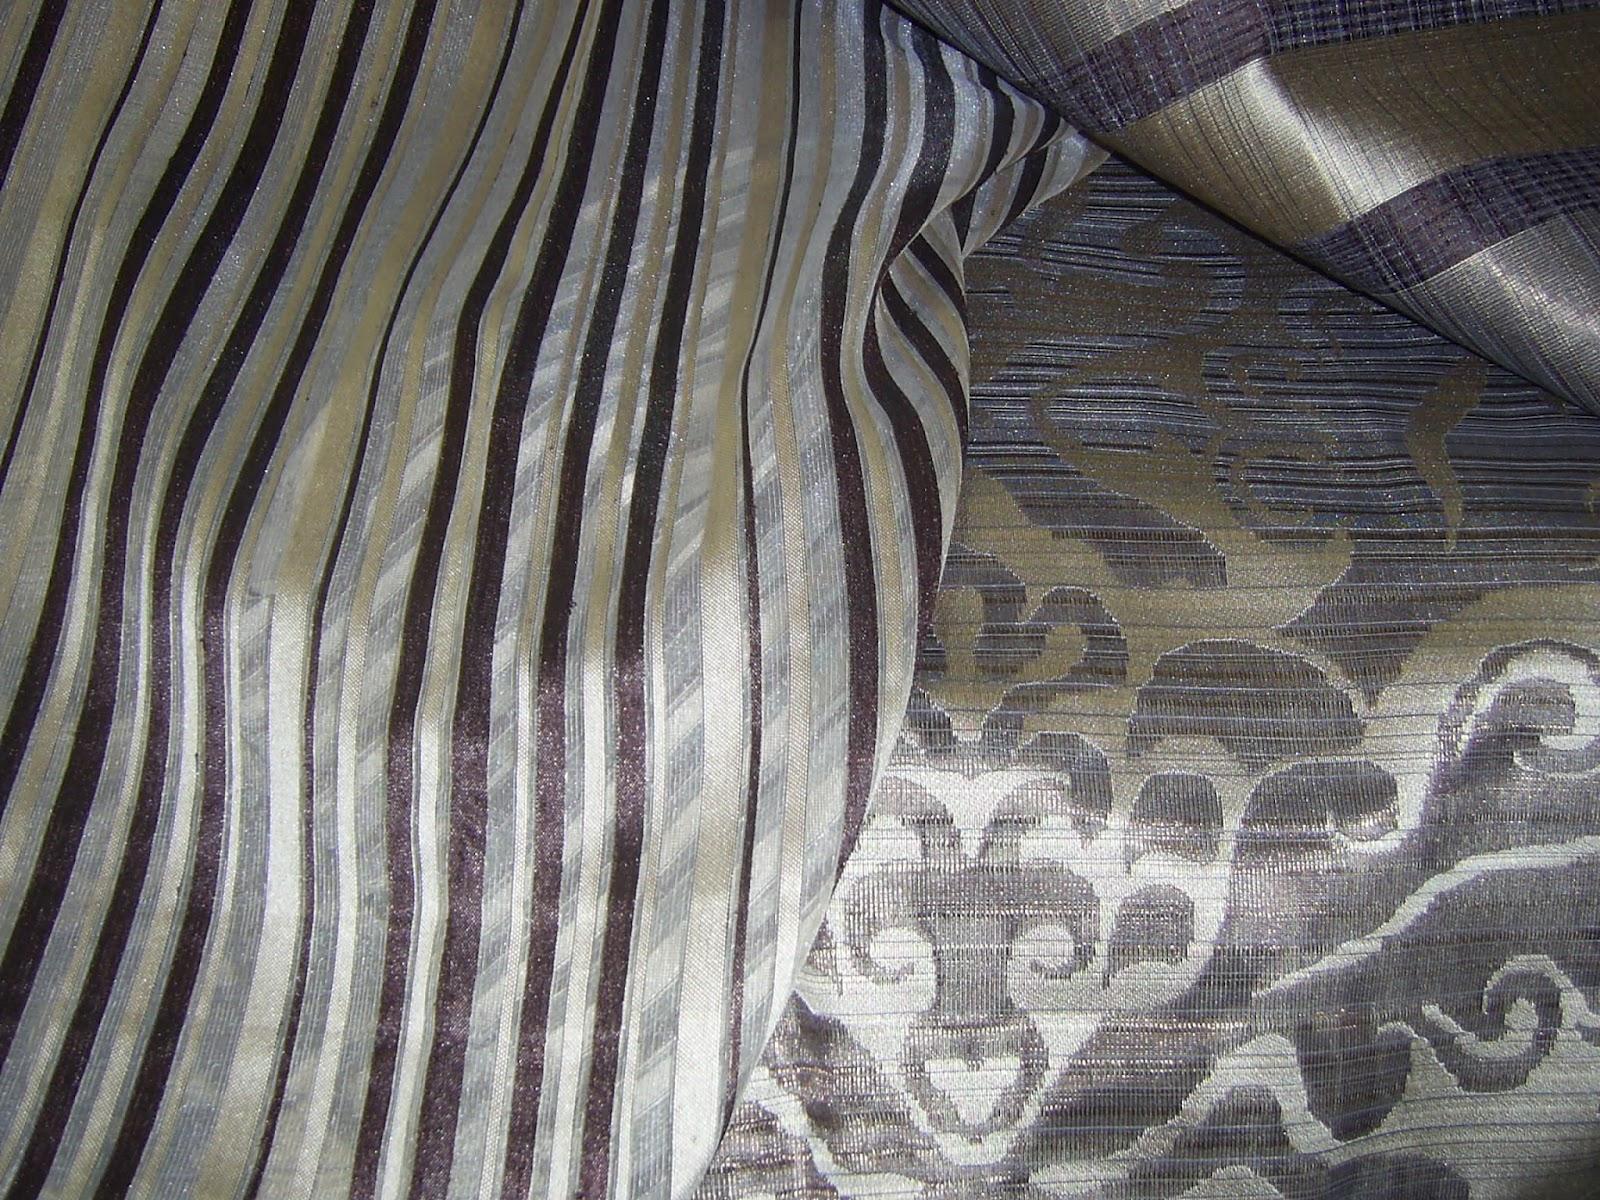 Muebles arranz nuevos tejidos para cortinas estores - Tejidos de cortinas ...